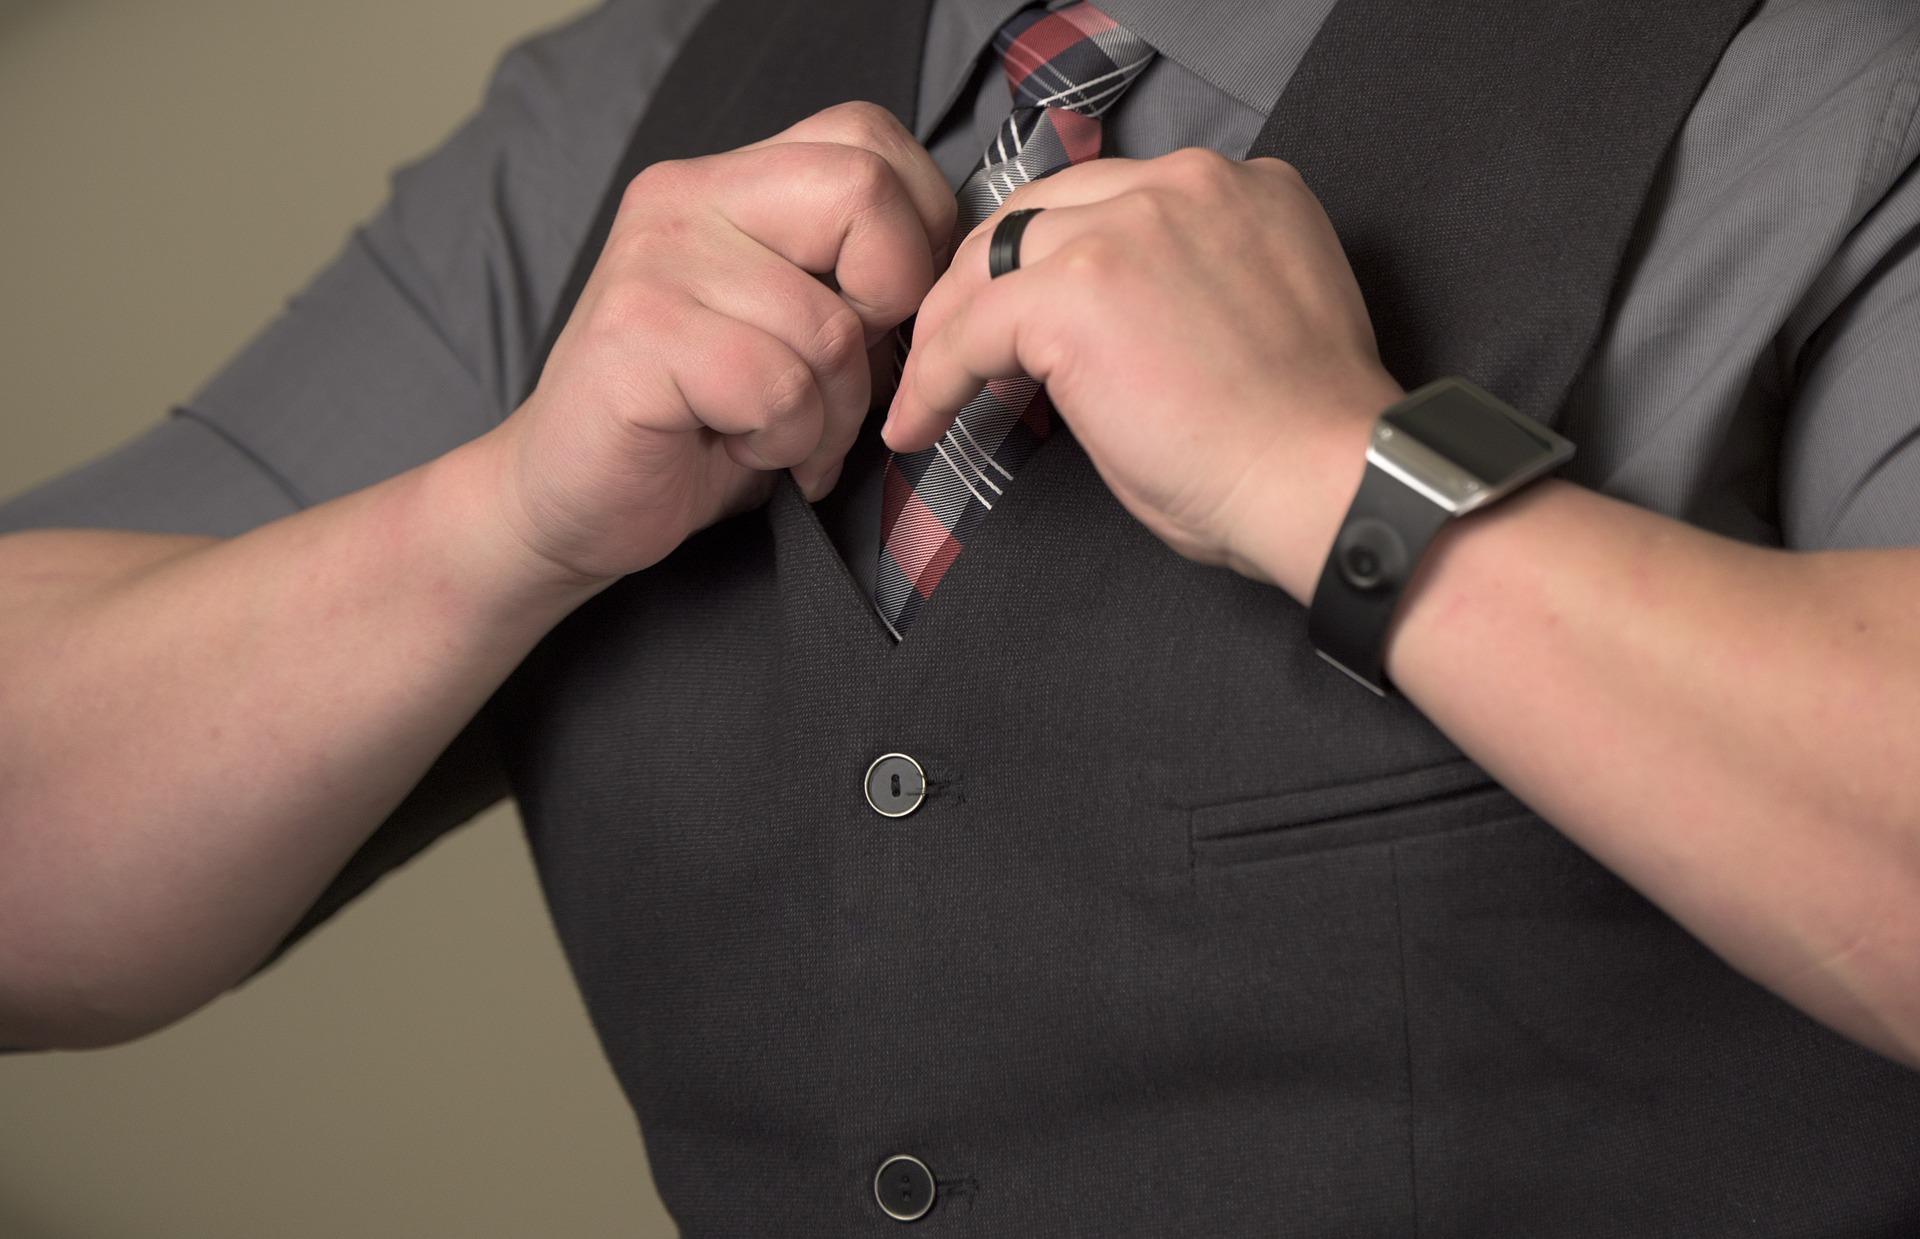 個人的に一度はつけてみたいメンズ高級腕時計メーカー8選と腕時計